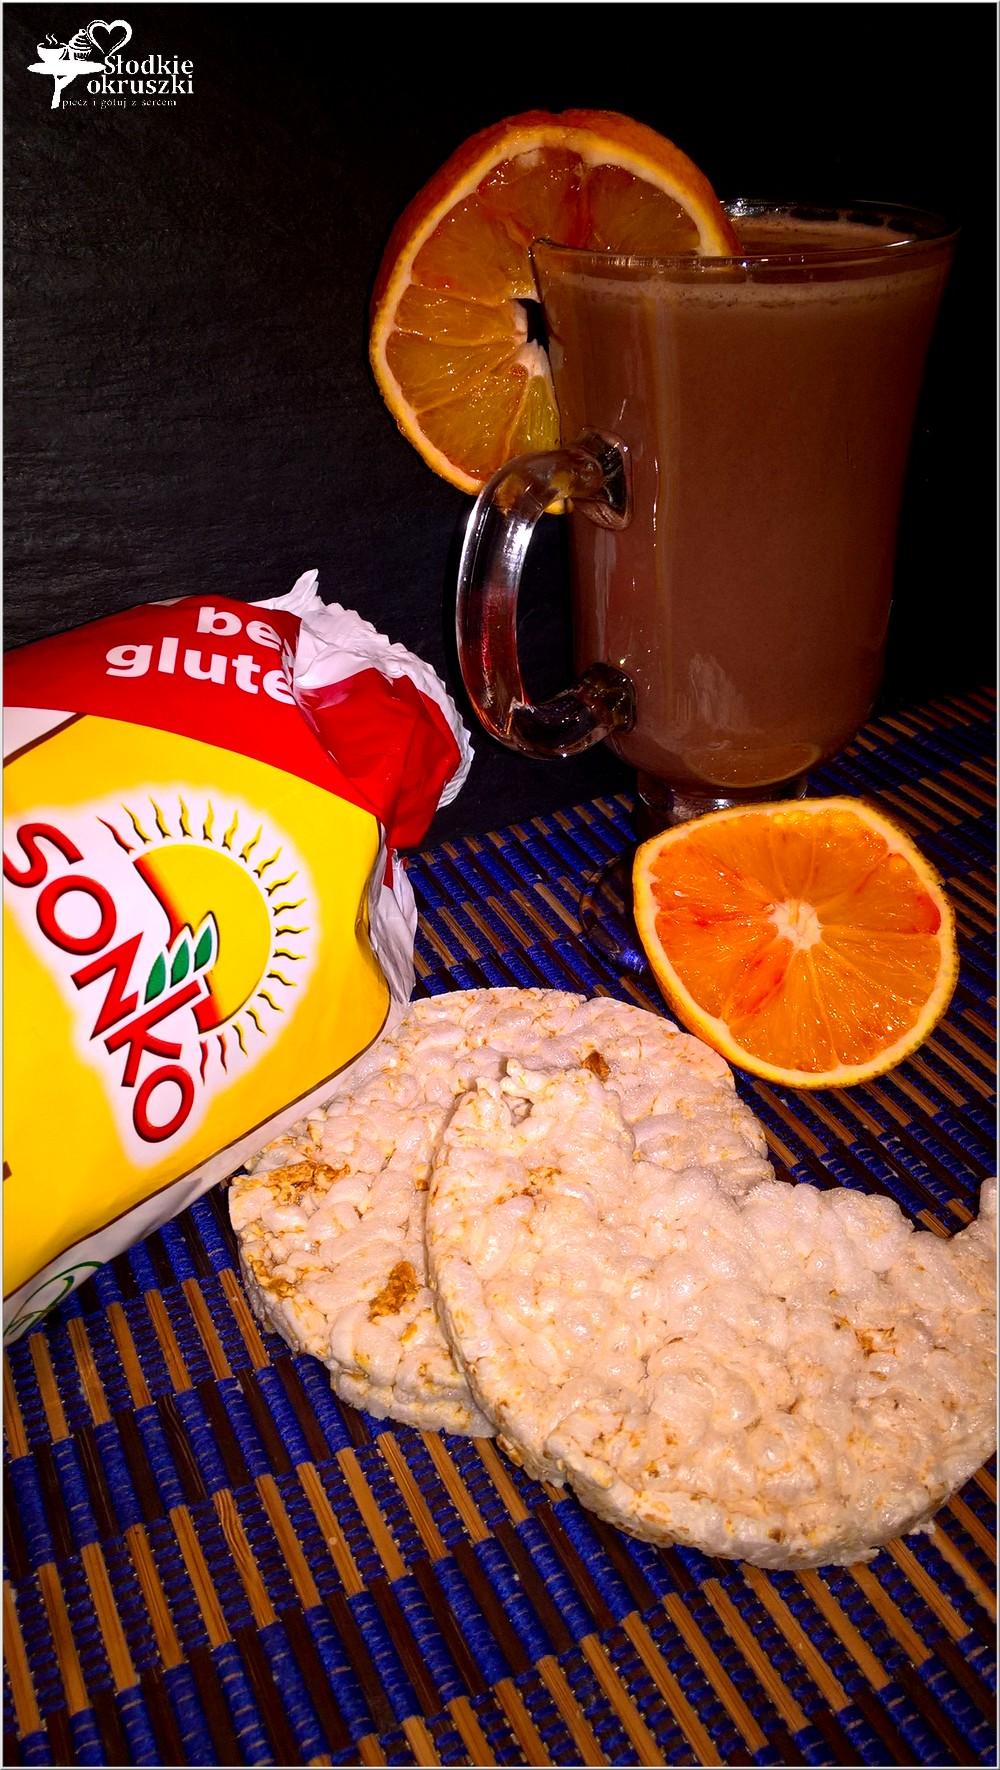 pomaranczowe-kakao-z-nuta-cynamonu-3